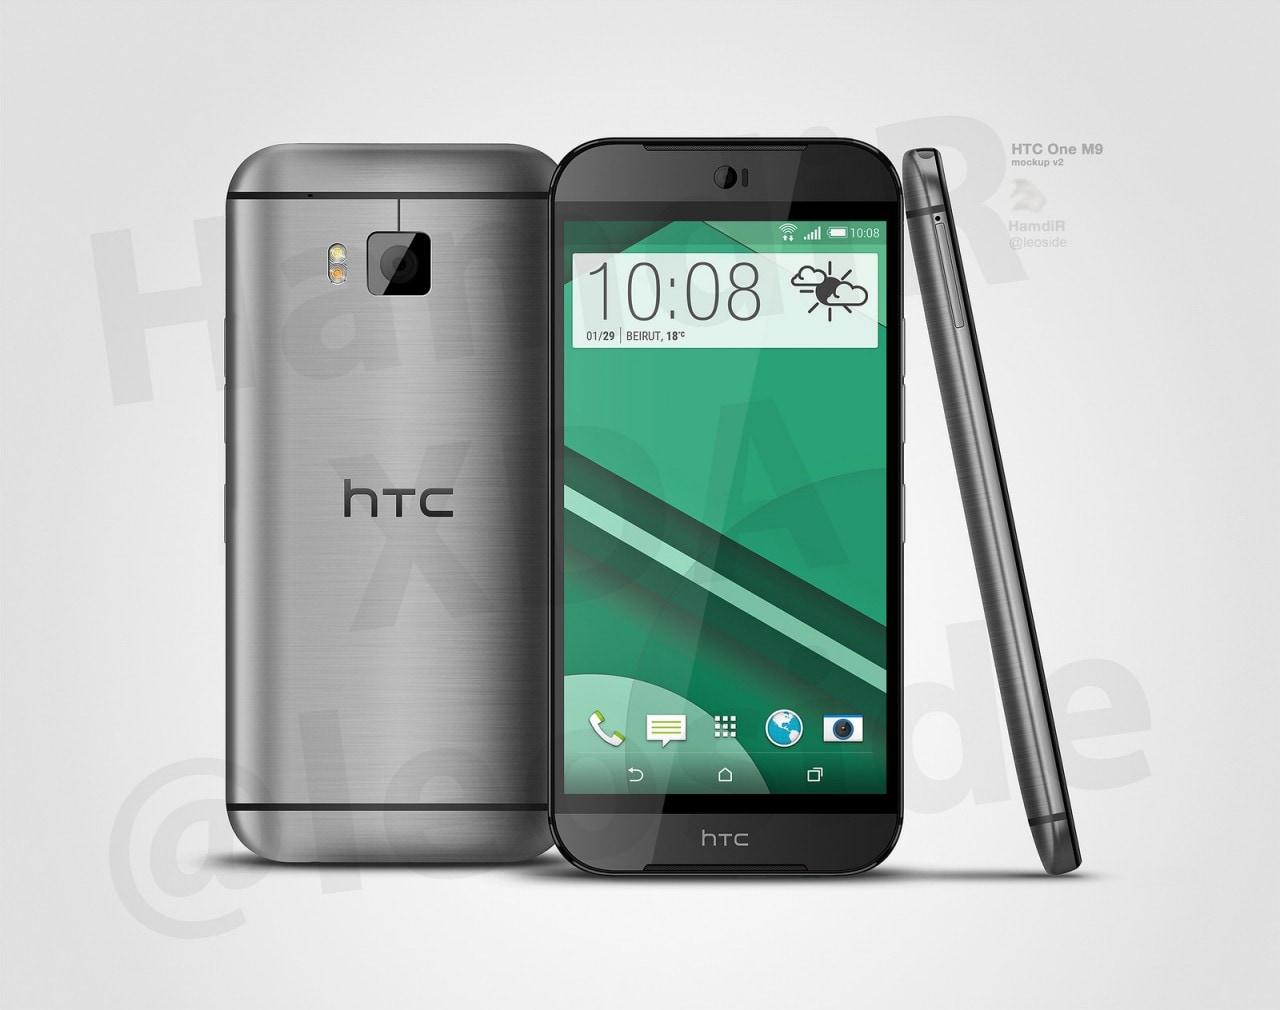 Ecco alcuni bellissimi concept render di come potrebbe essere HTC One (M9)